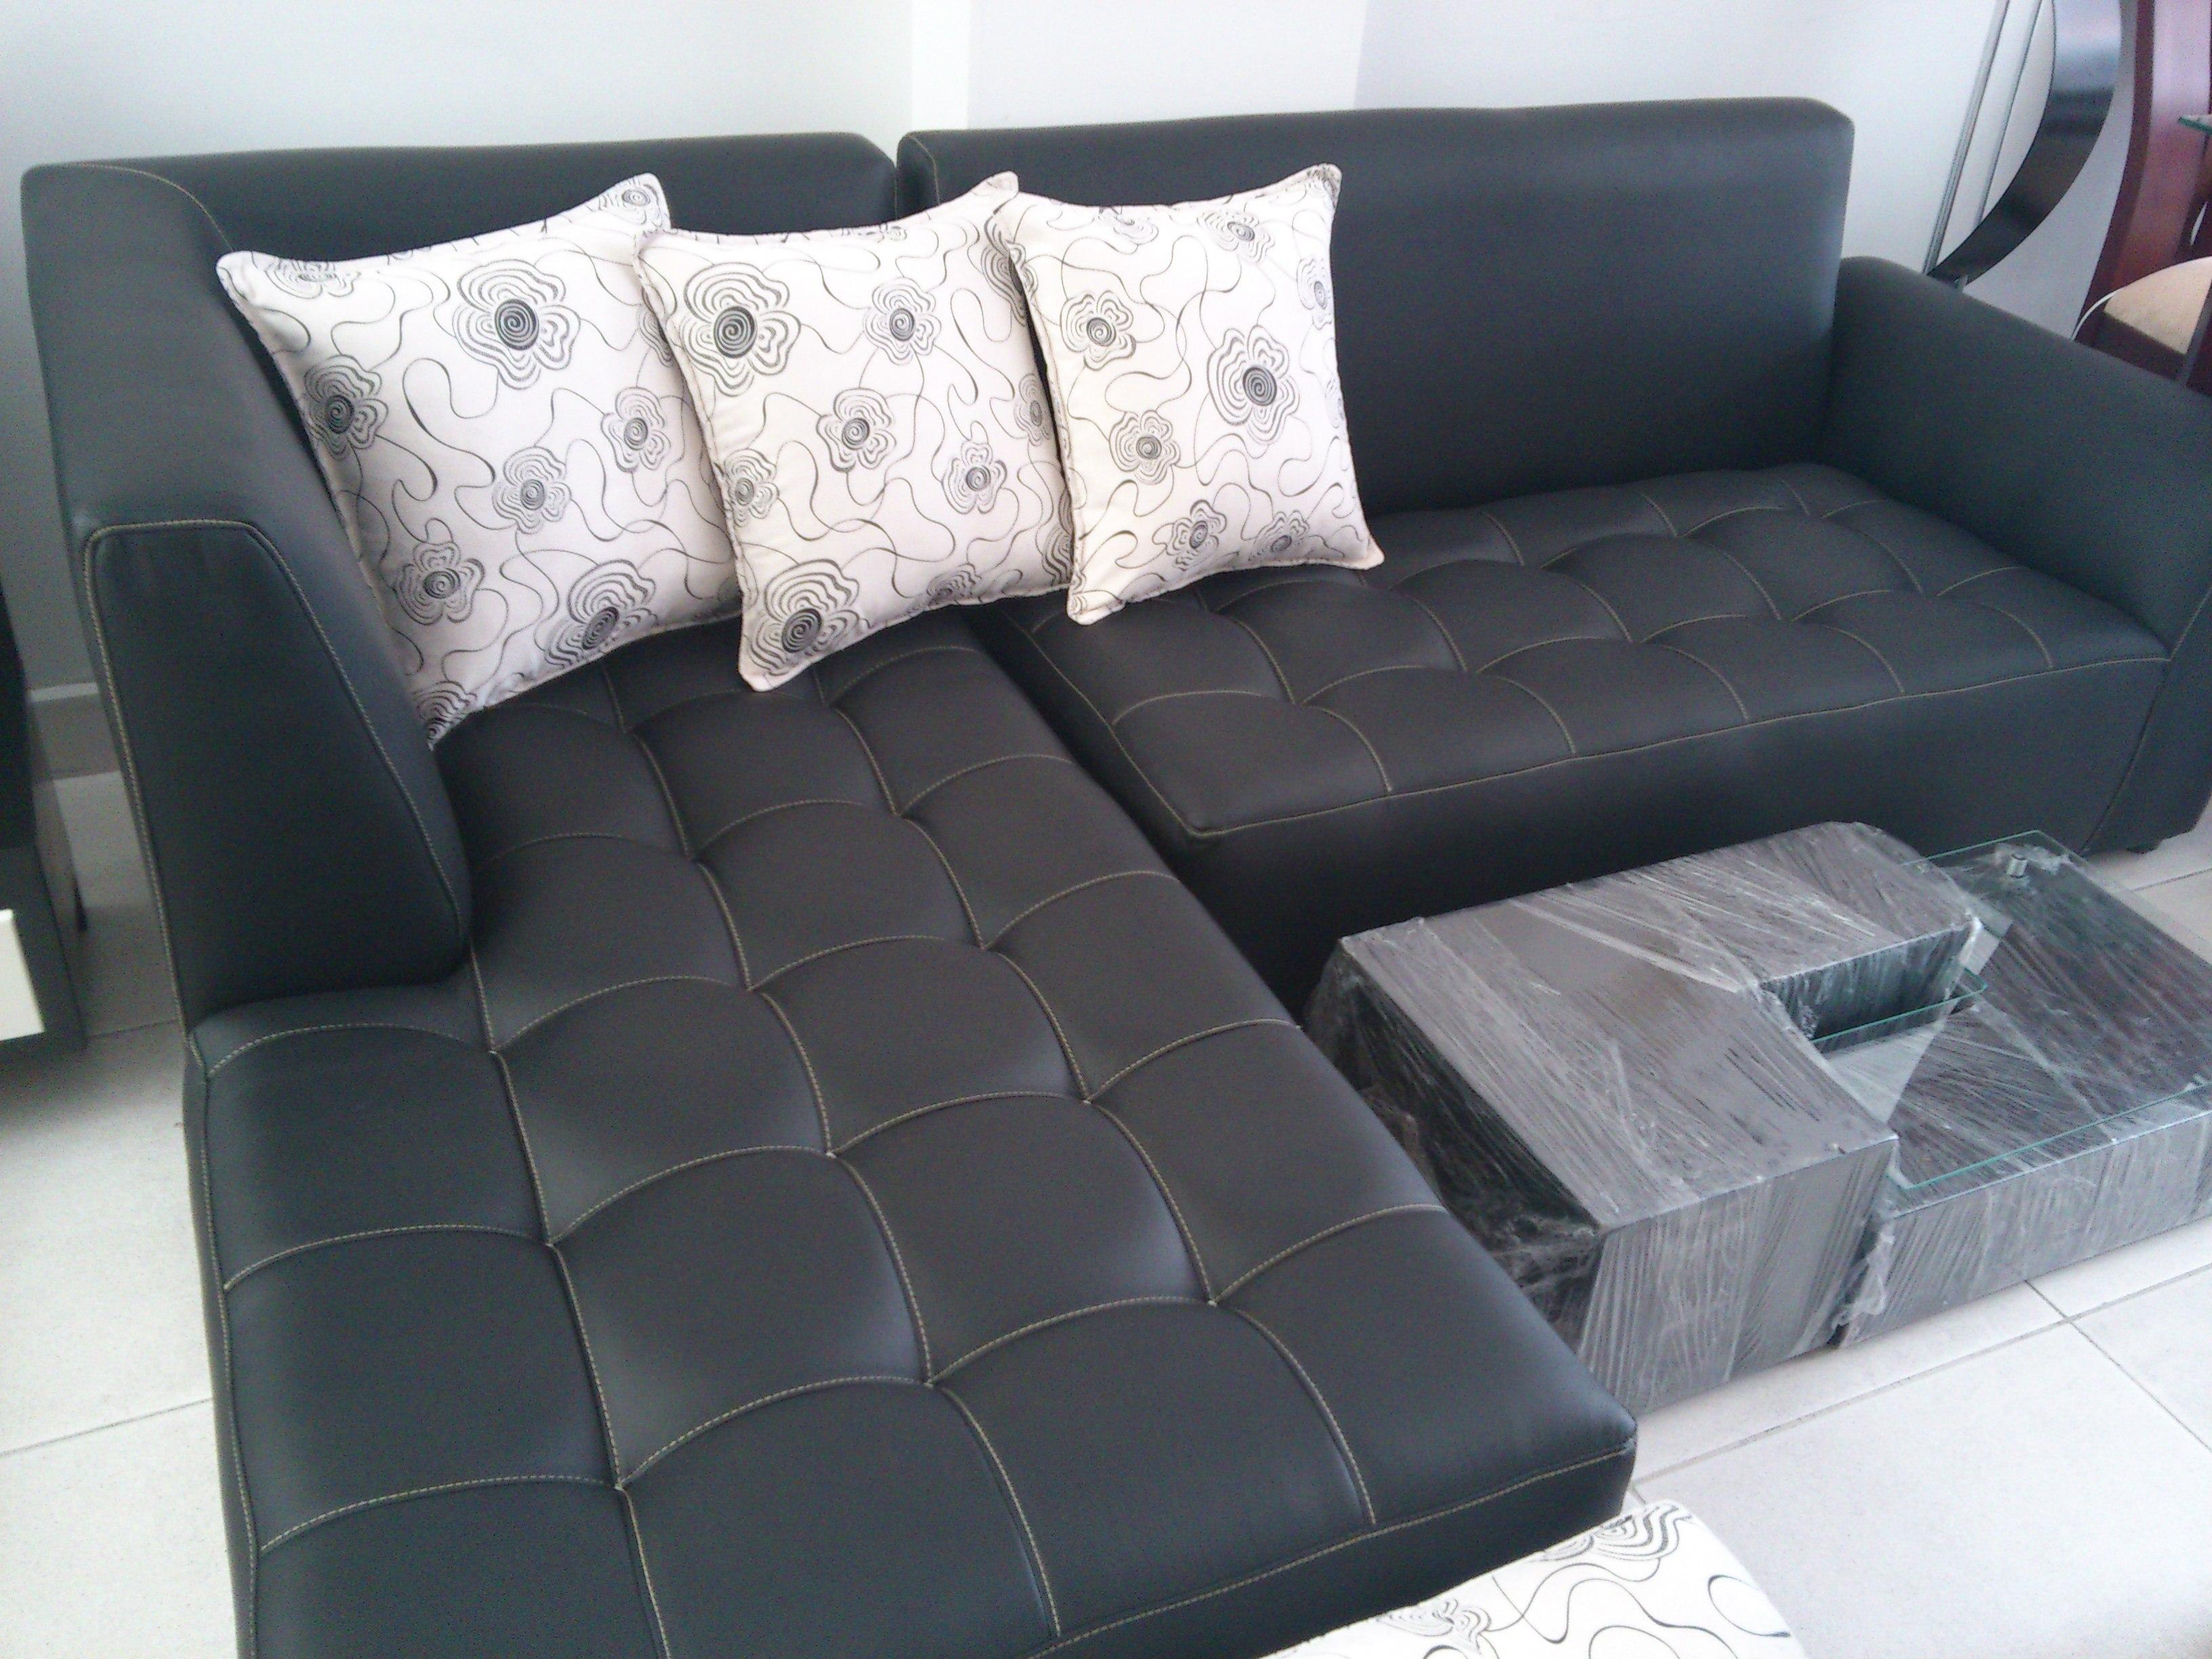 Venta muebles hogar deko economicos calidad fabric for Modelos de muebles